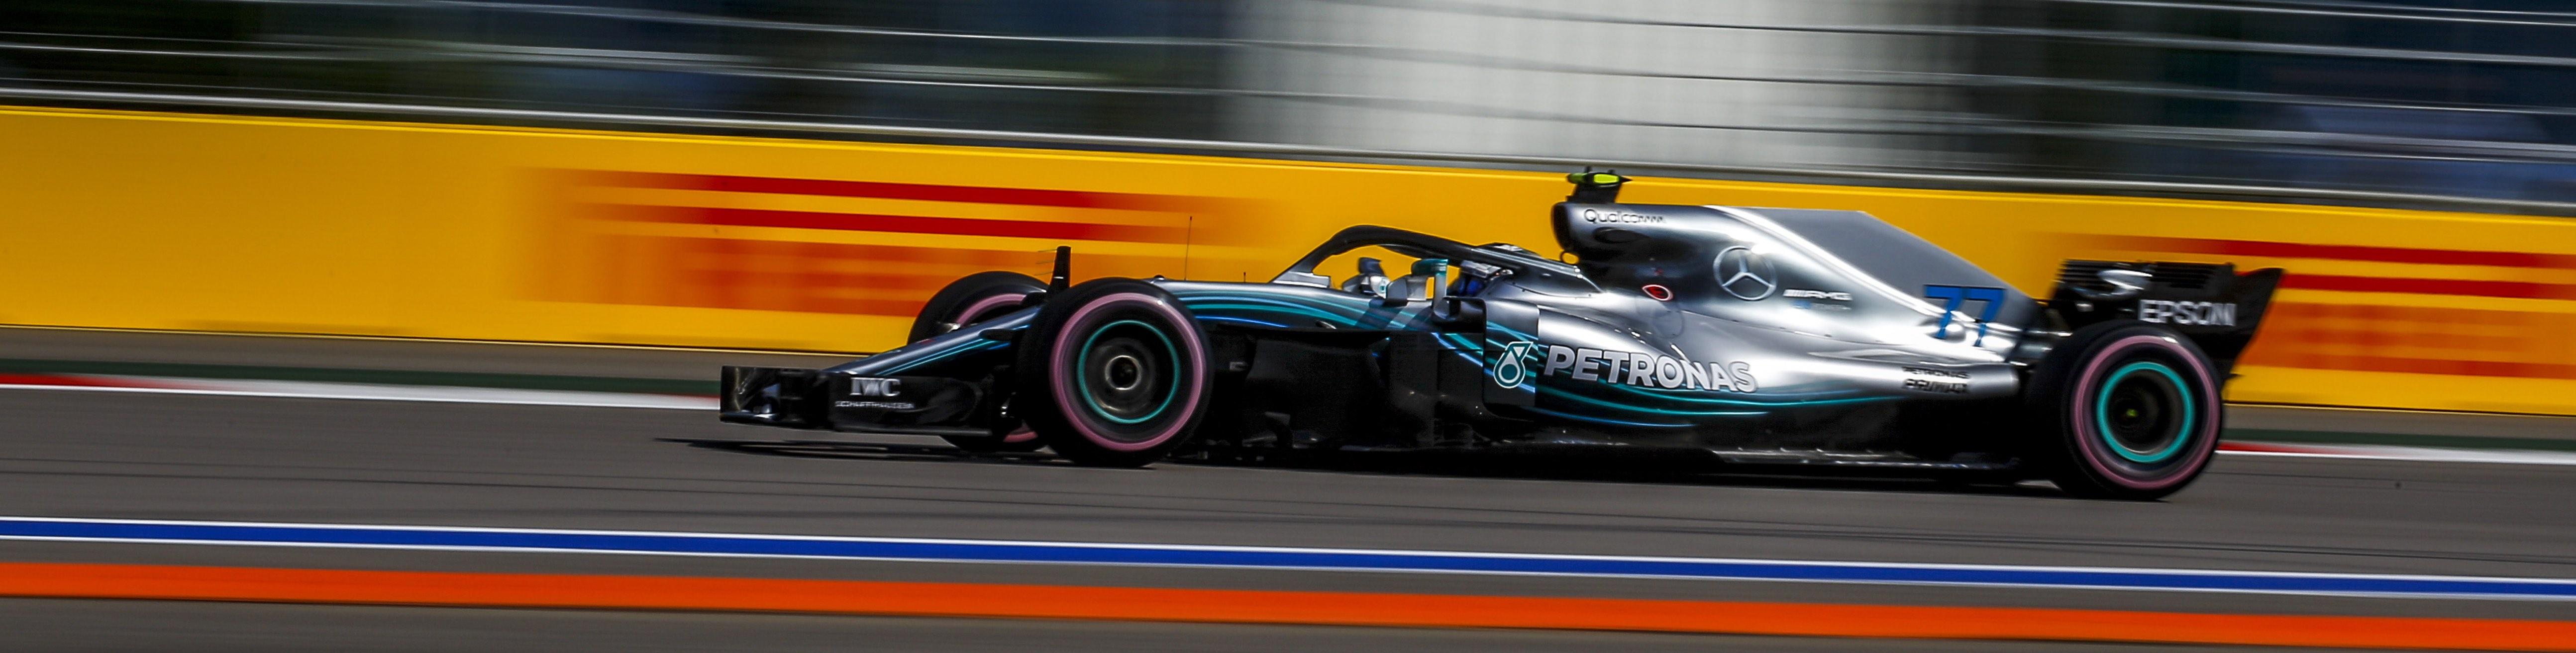 """Reporte Pirelli, Calificación Rusia GP, """"batalla estratégica entre los protagonistas del campeonato"""""""